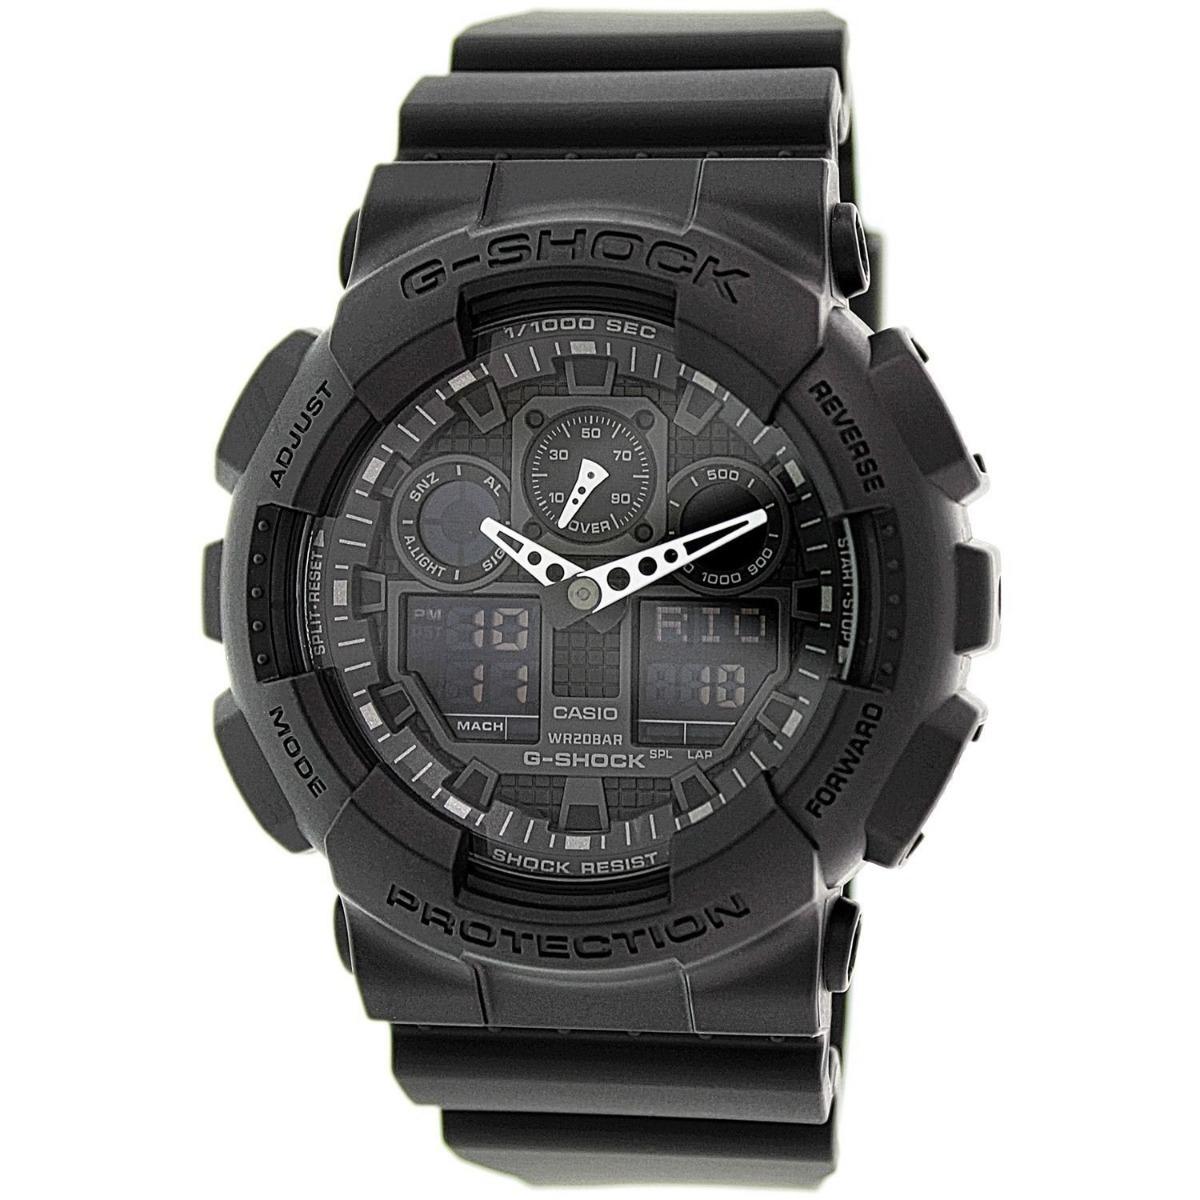 b0acda7670f relógio casio g-shock ga100-1a1 preto original promoção. Carregando zoom.